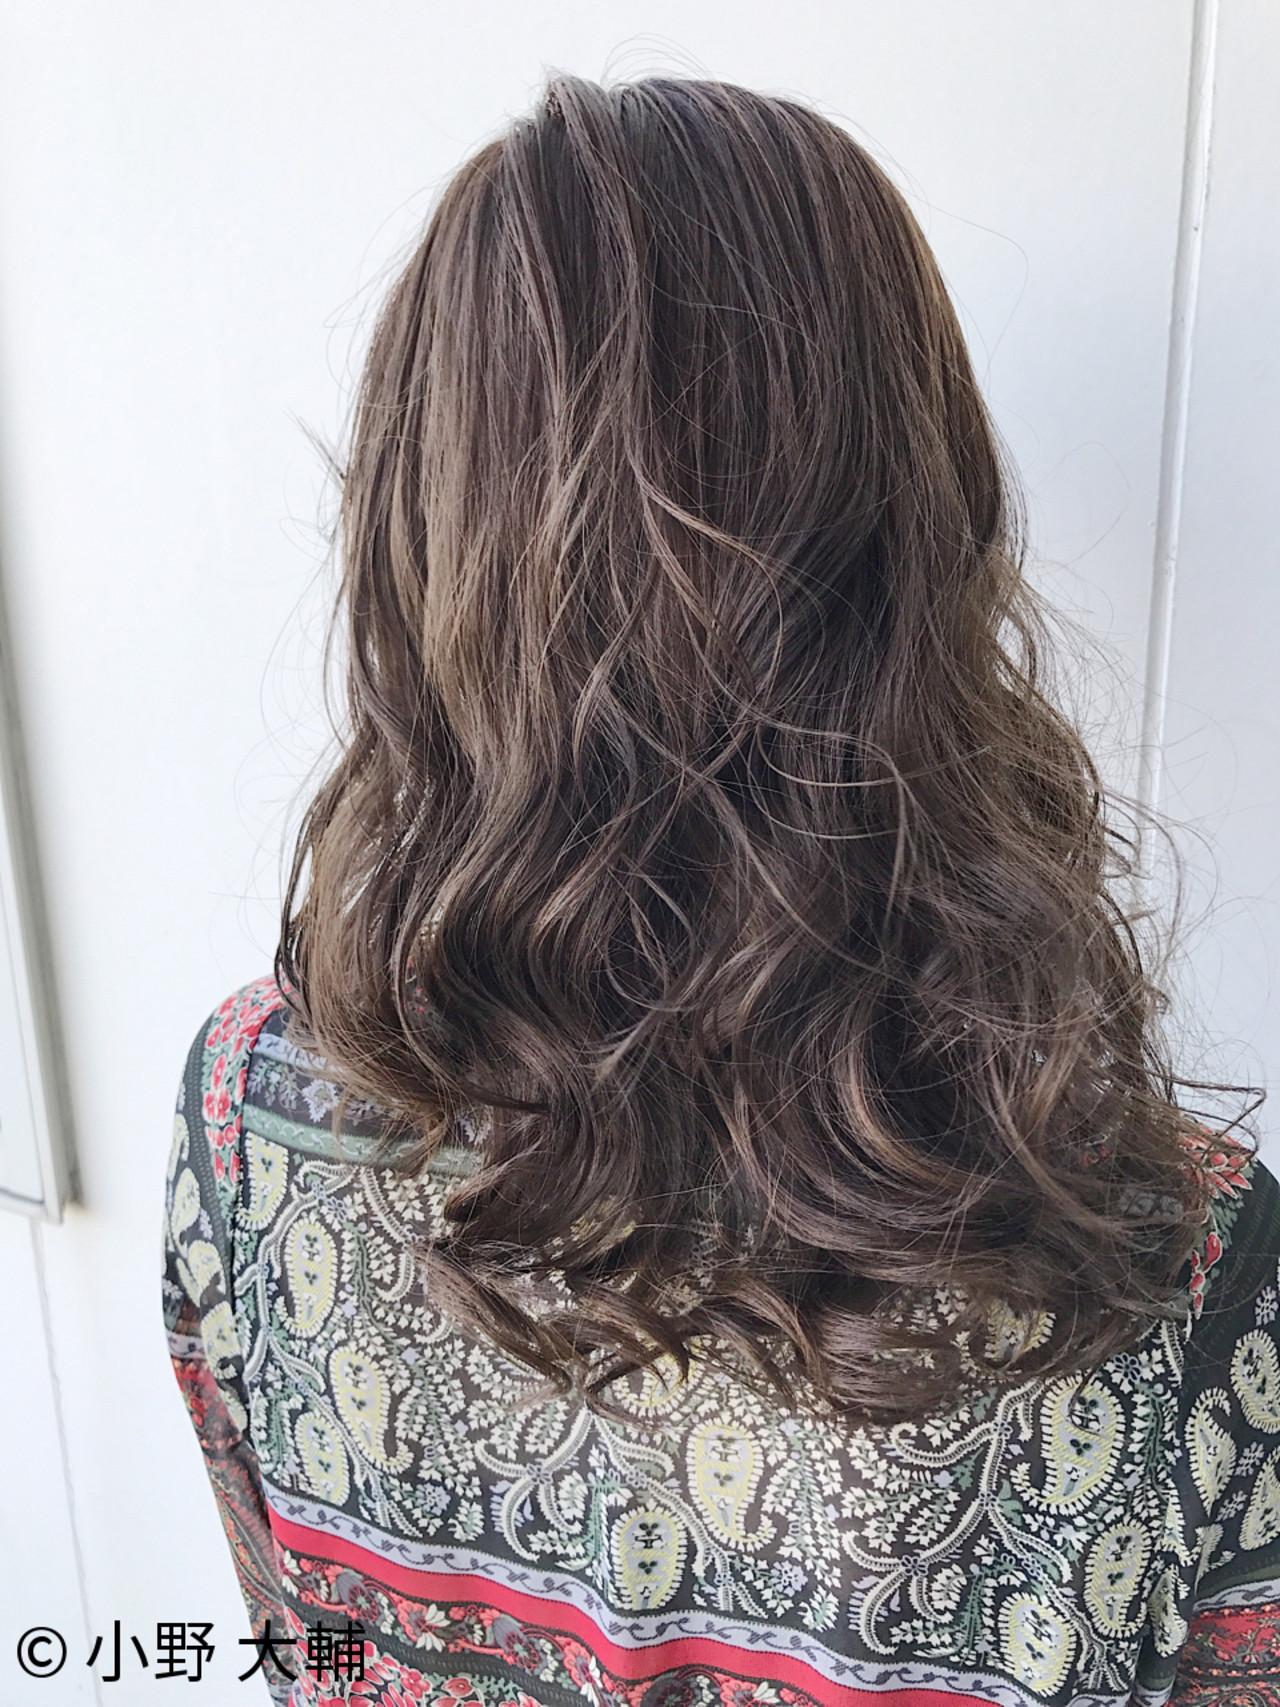 冬 ハイライト グレージュ アッシュ ヘアスタイルや髪型の写真・画像 | 小野 大輔 / OHIA  for plumeria